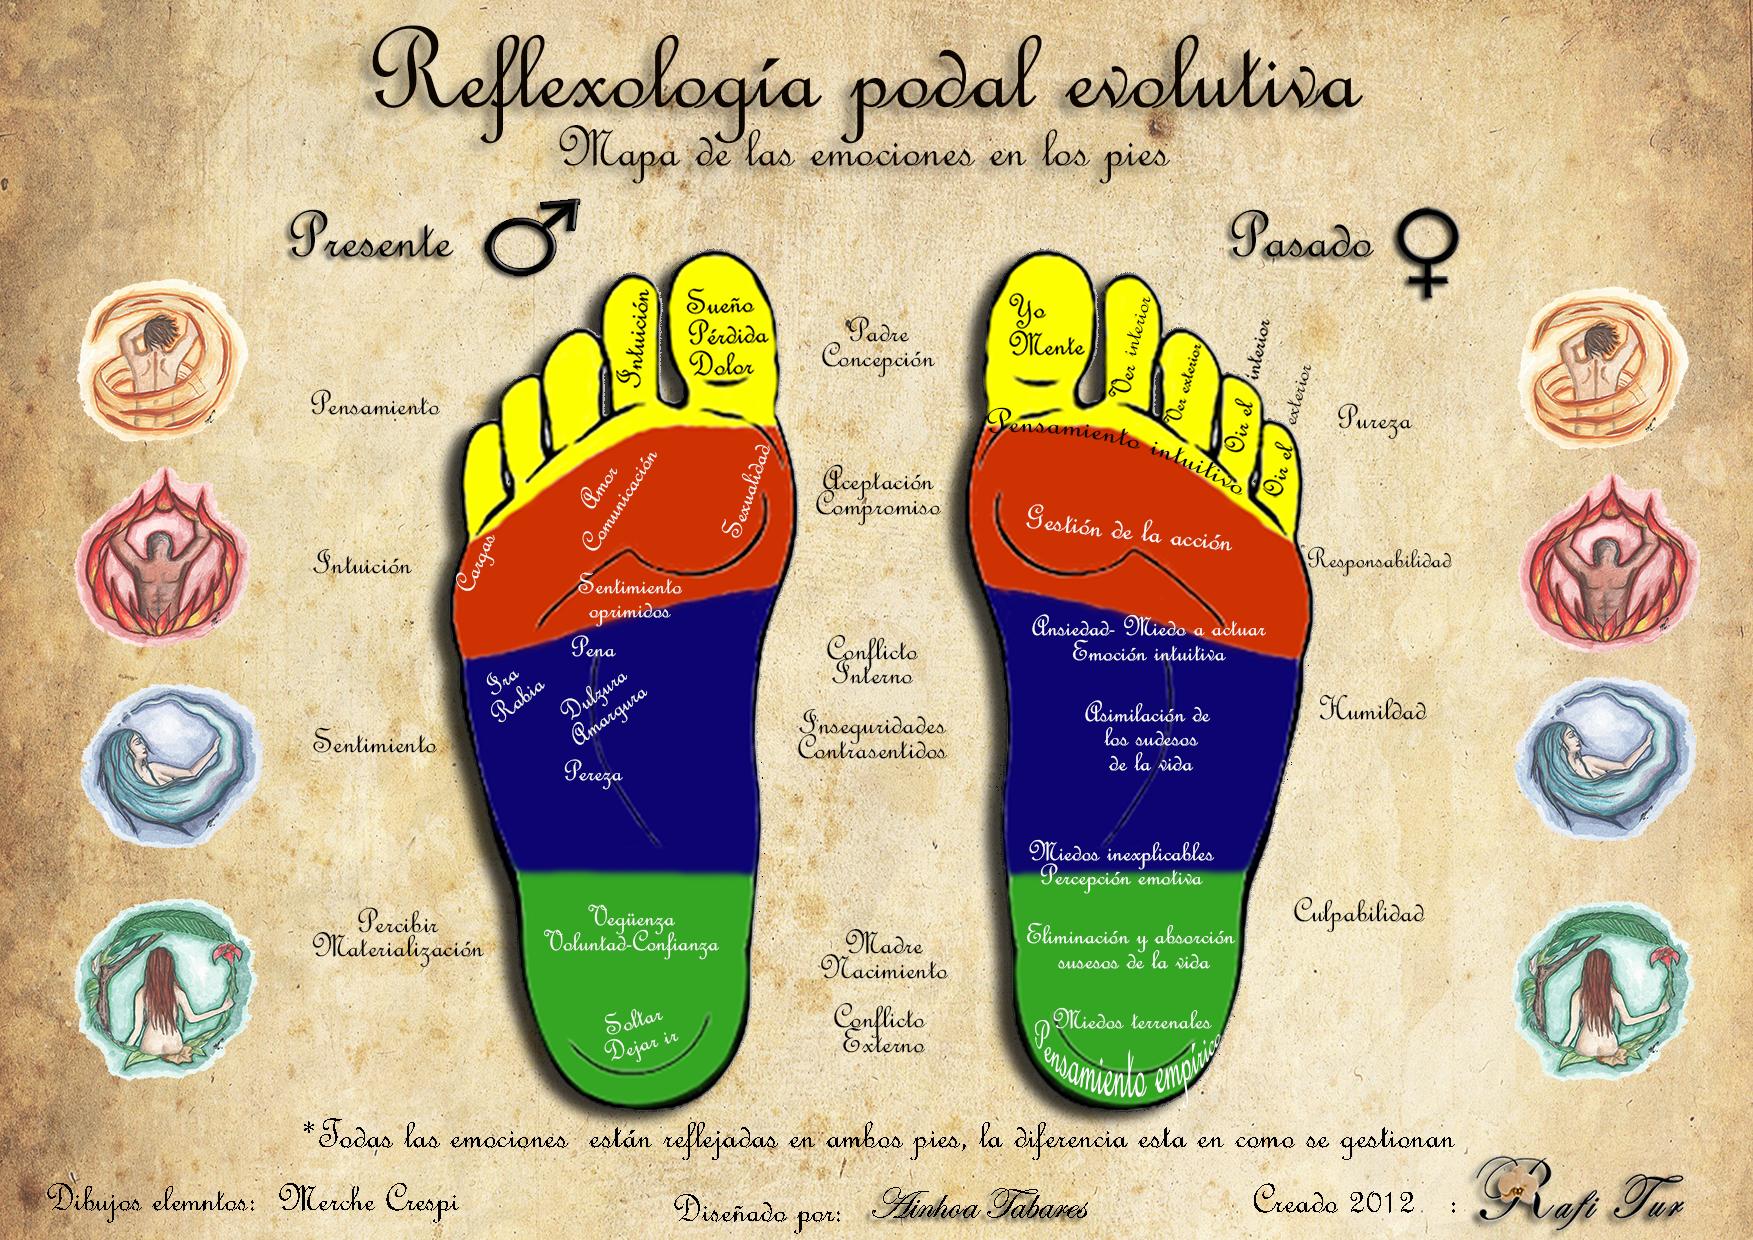 reflexologa podal evolutiva kero